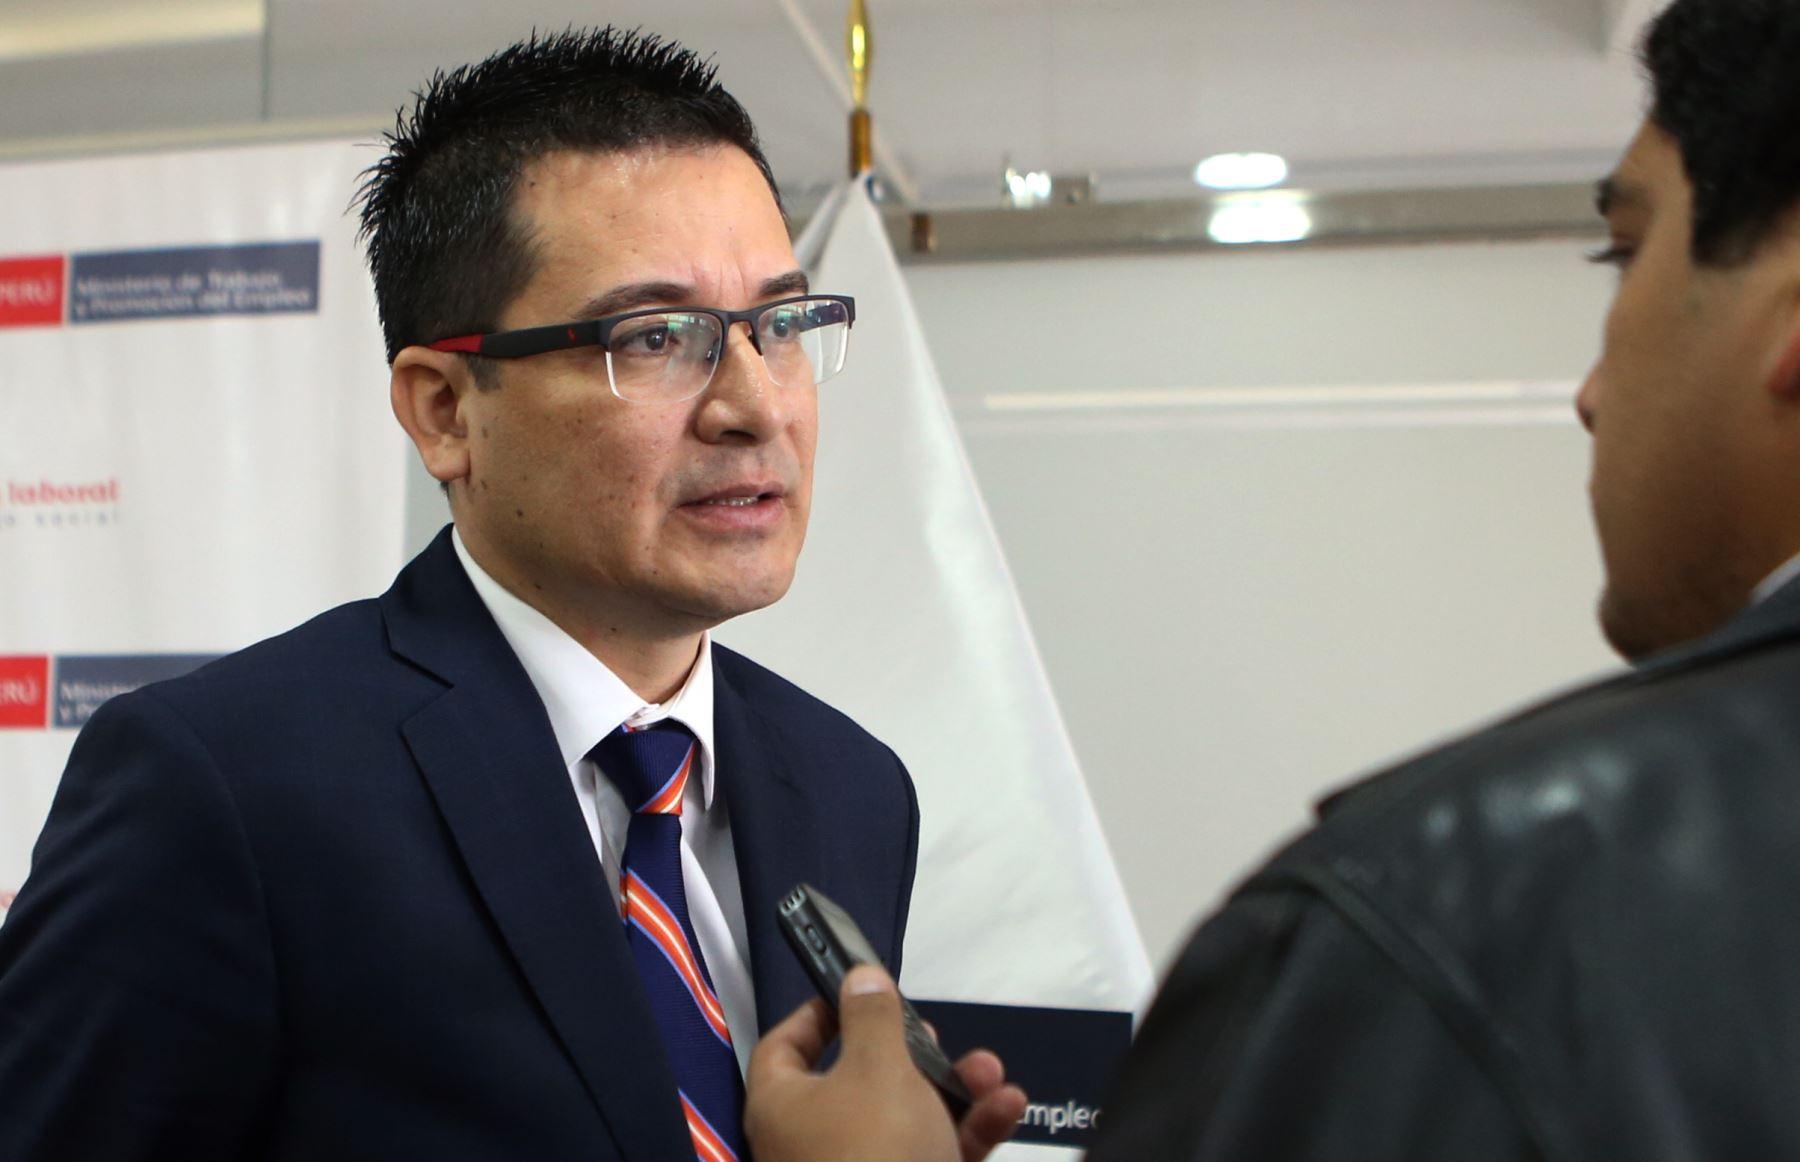 Viceministro de Trabajo, Ítalo Mórtola Flores. ANDINA/Difusión